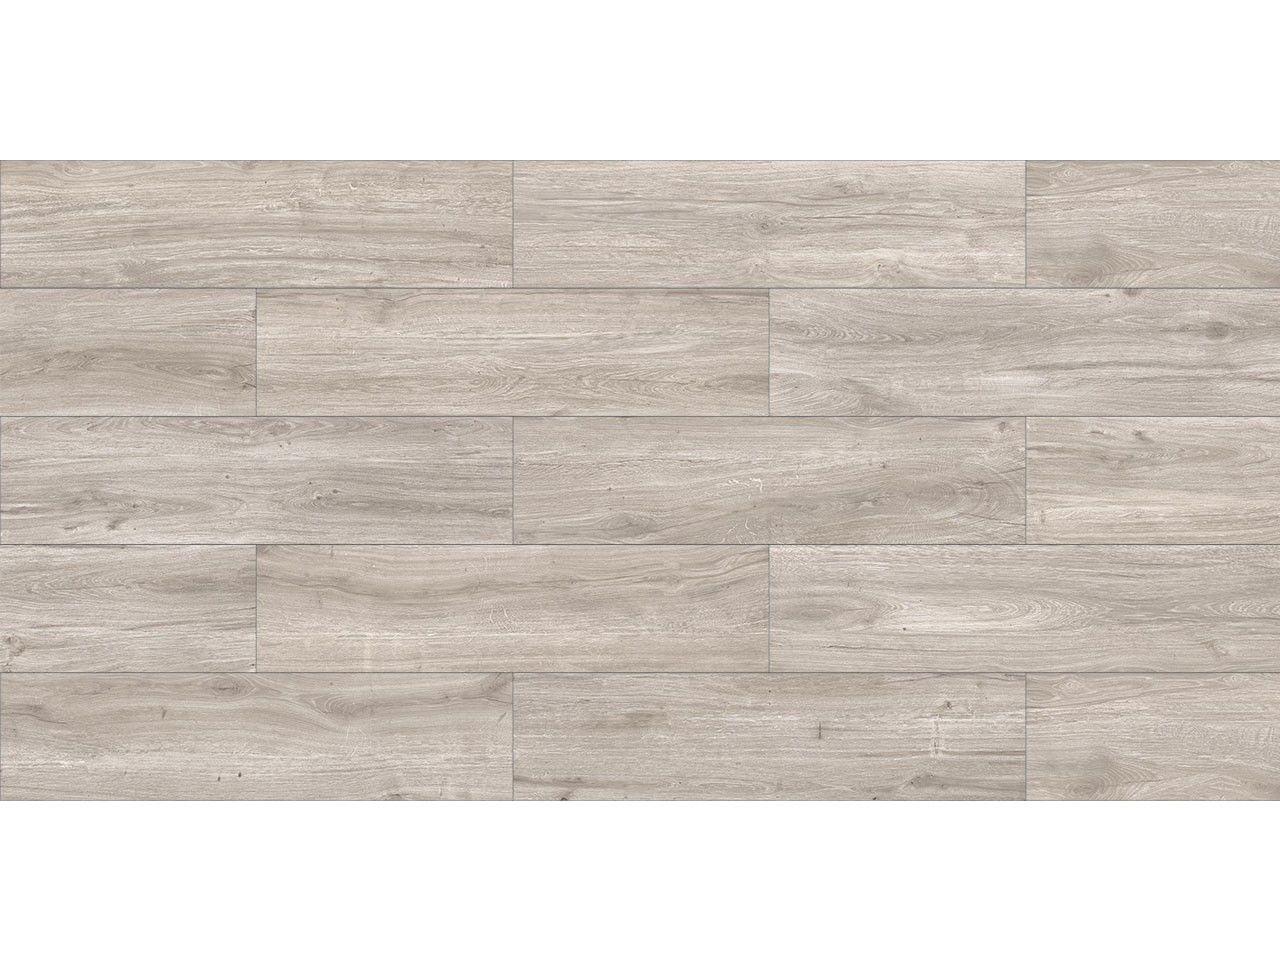 Mattonelle Simil Parquet Prezzi piastrella unique grey 30x120 gres effetto legno grigio